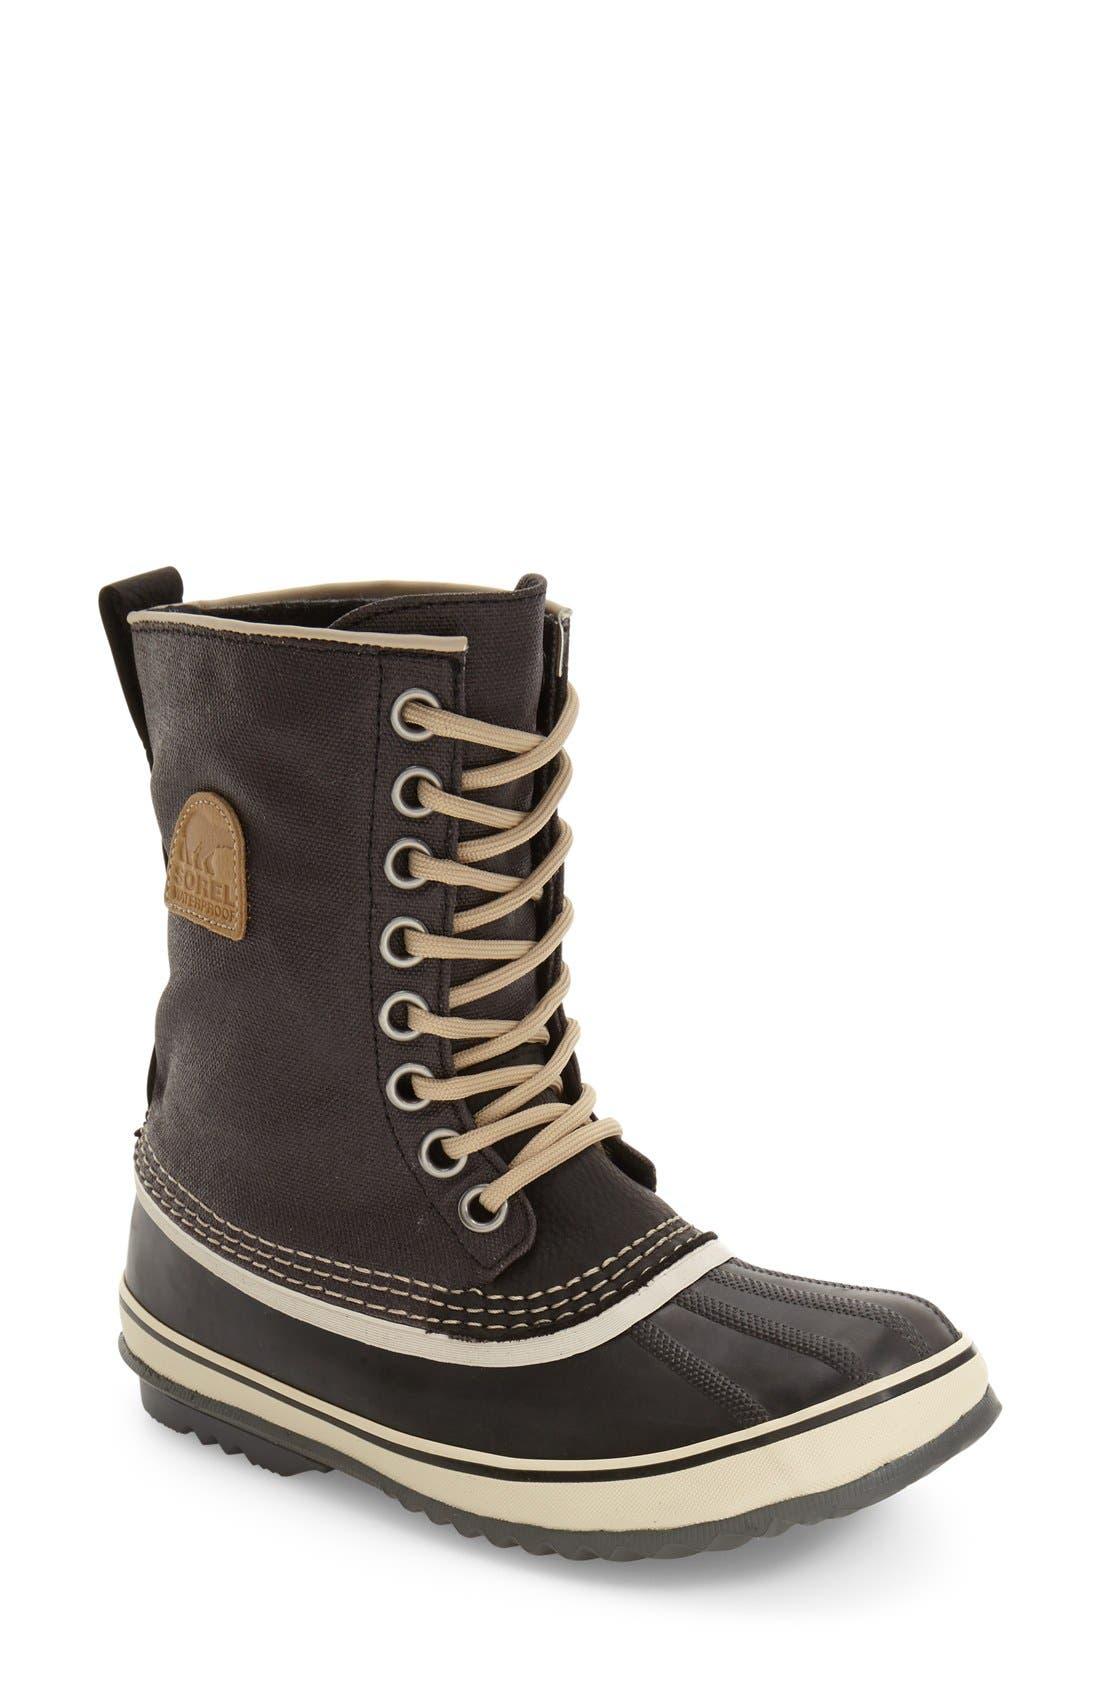 Alternate Image 1 Selected - SOREL '1964 Premium' Waterproof Boot (Women)